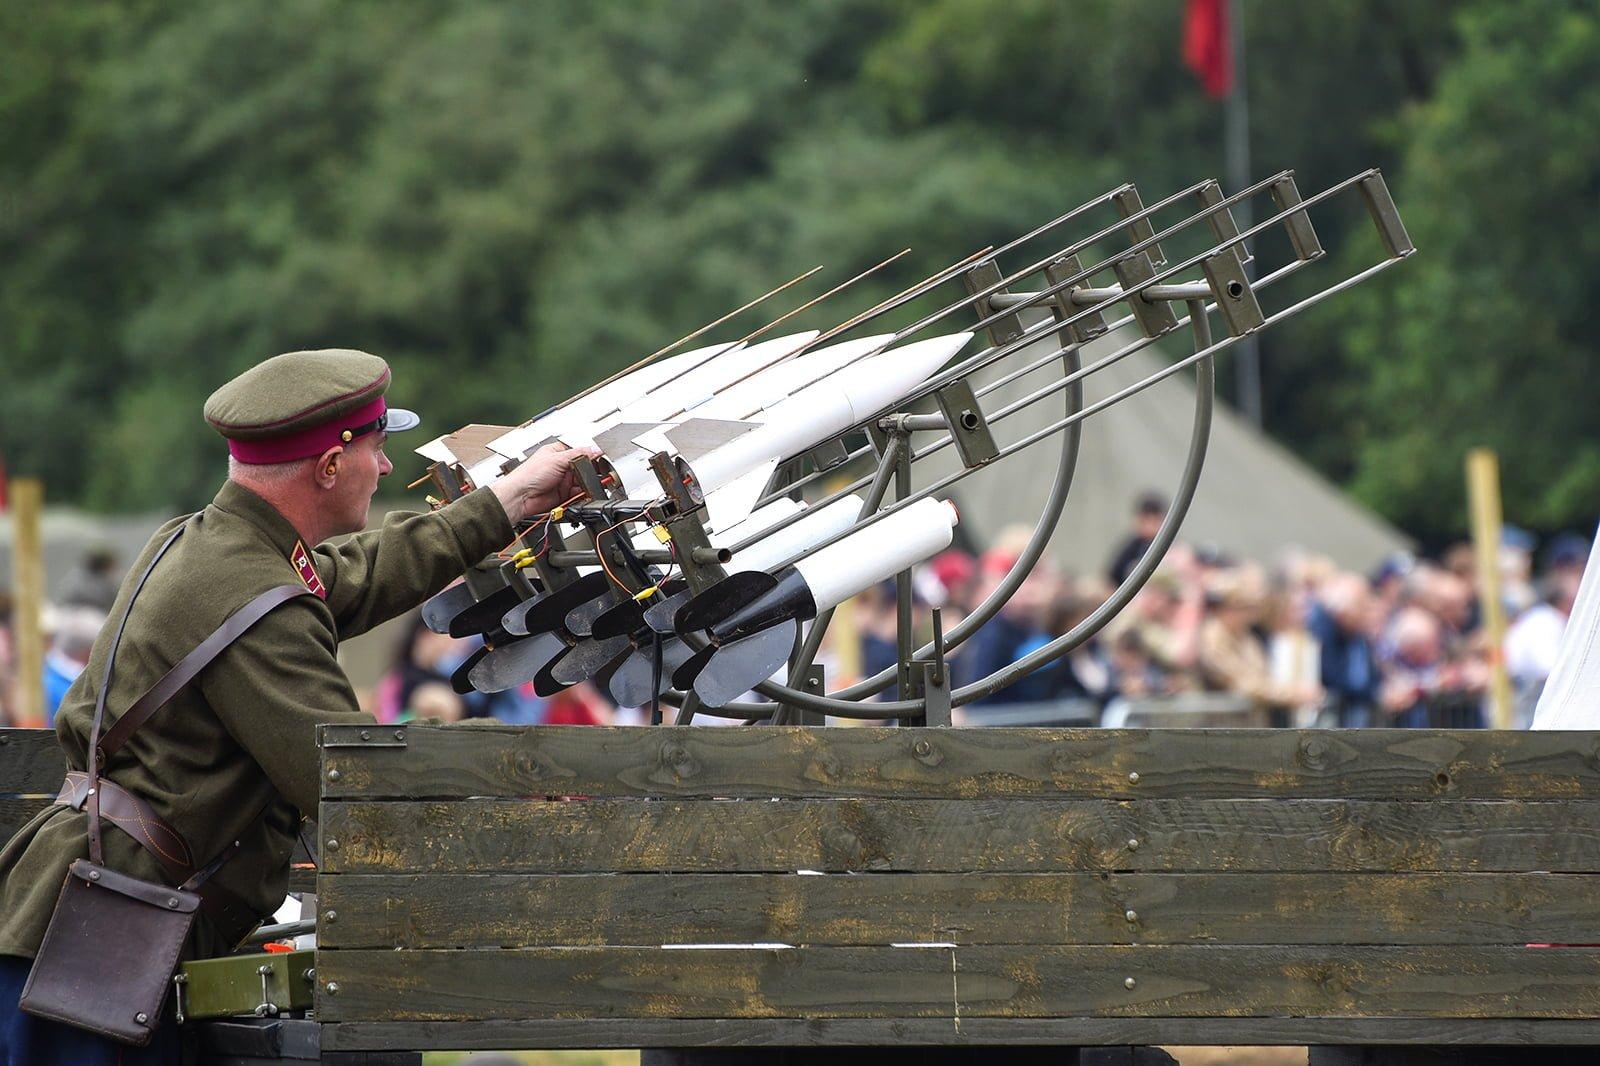 Re-enactors firing rockets at Capel Military Show